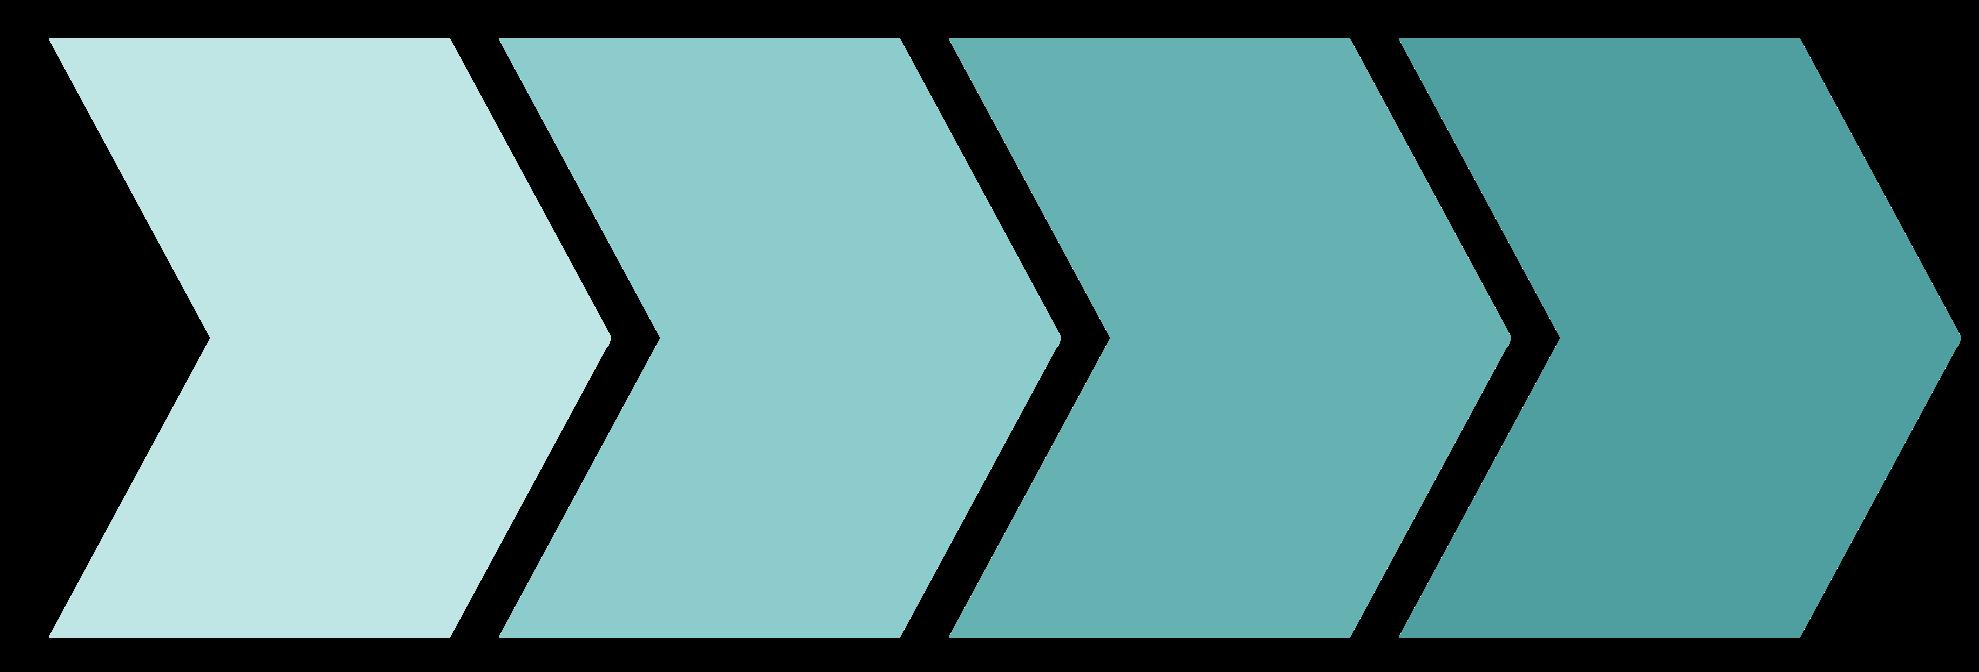 File:Arrows blue.png.